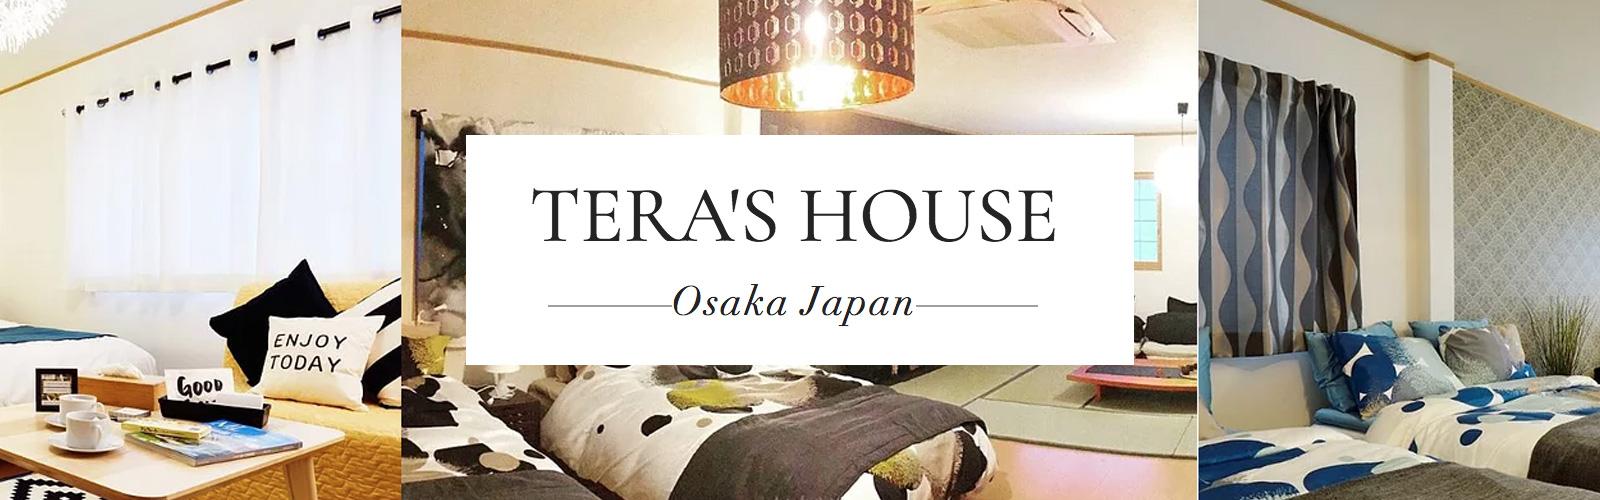 TERA'S HOUSE - 自炊式宿泊施設(大阪・南船場)